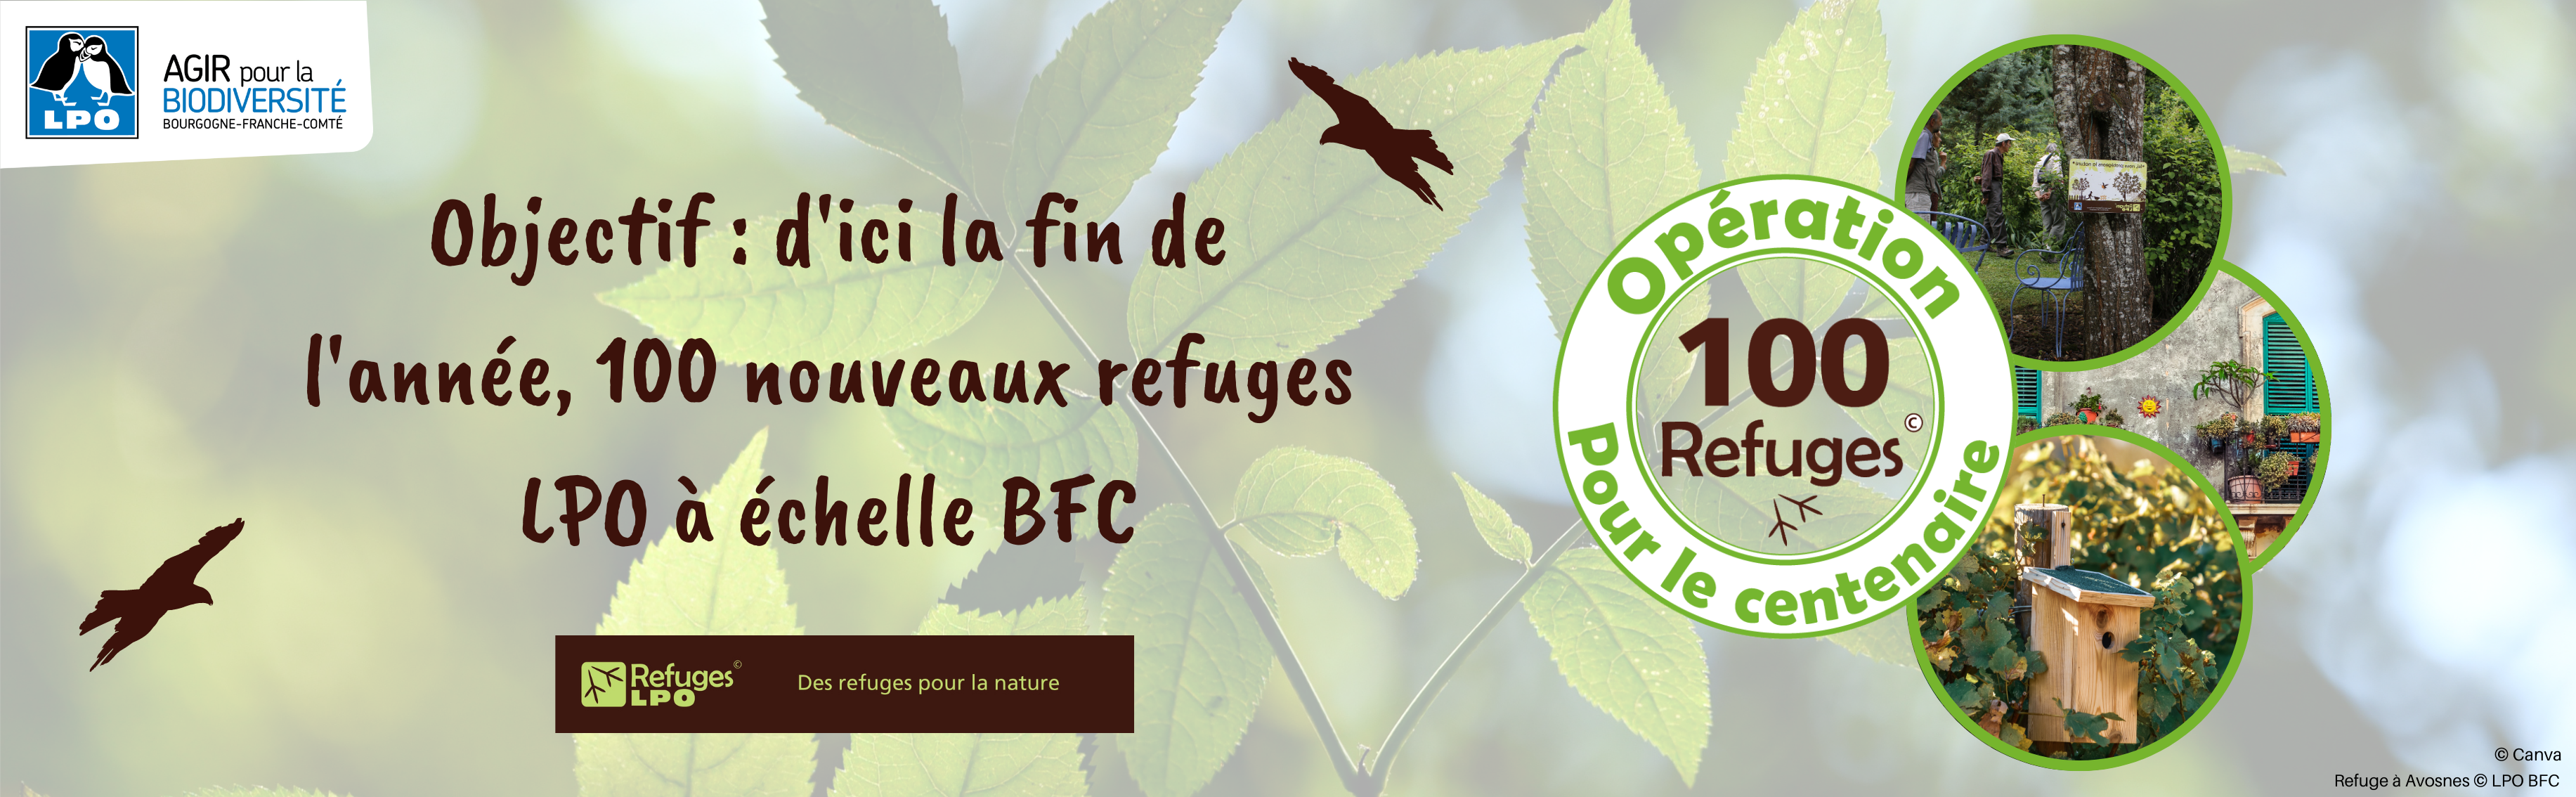 https://bourgogne-franche-comte.lpo.fr/2021/02/15/lancement-de-loperation-100-refuges-pour-le-centenaire/